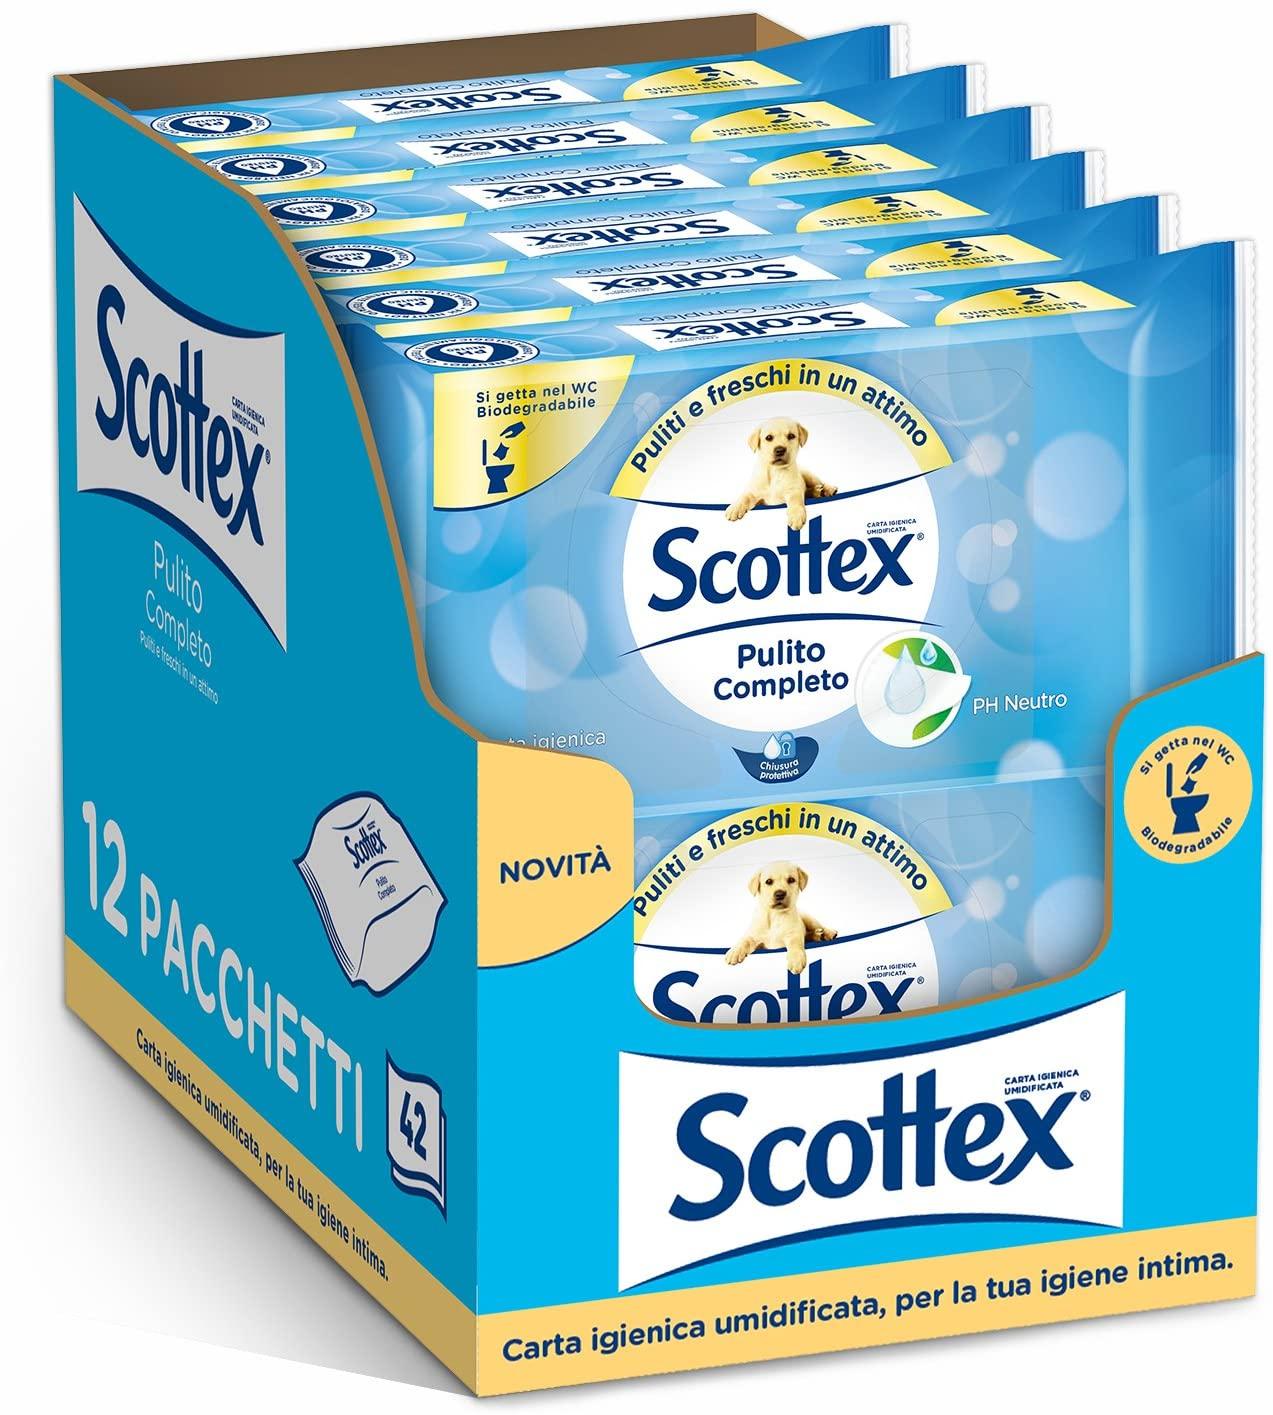 504 Toallitas Scottex Pulito solo 9.5€